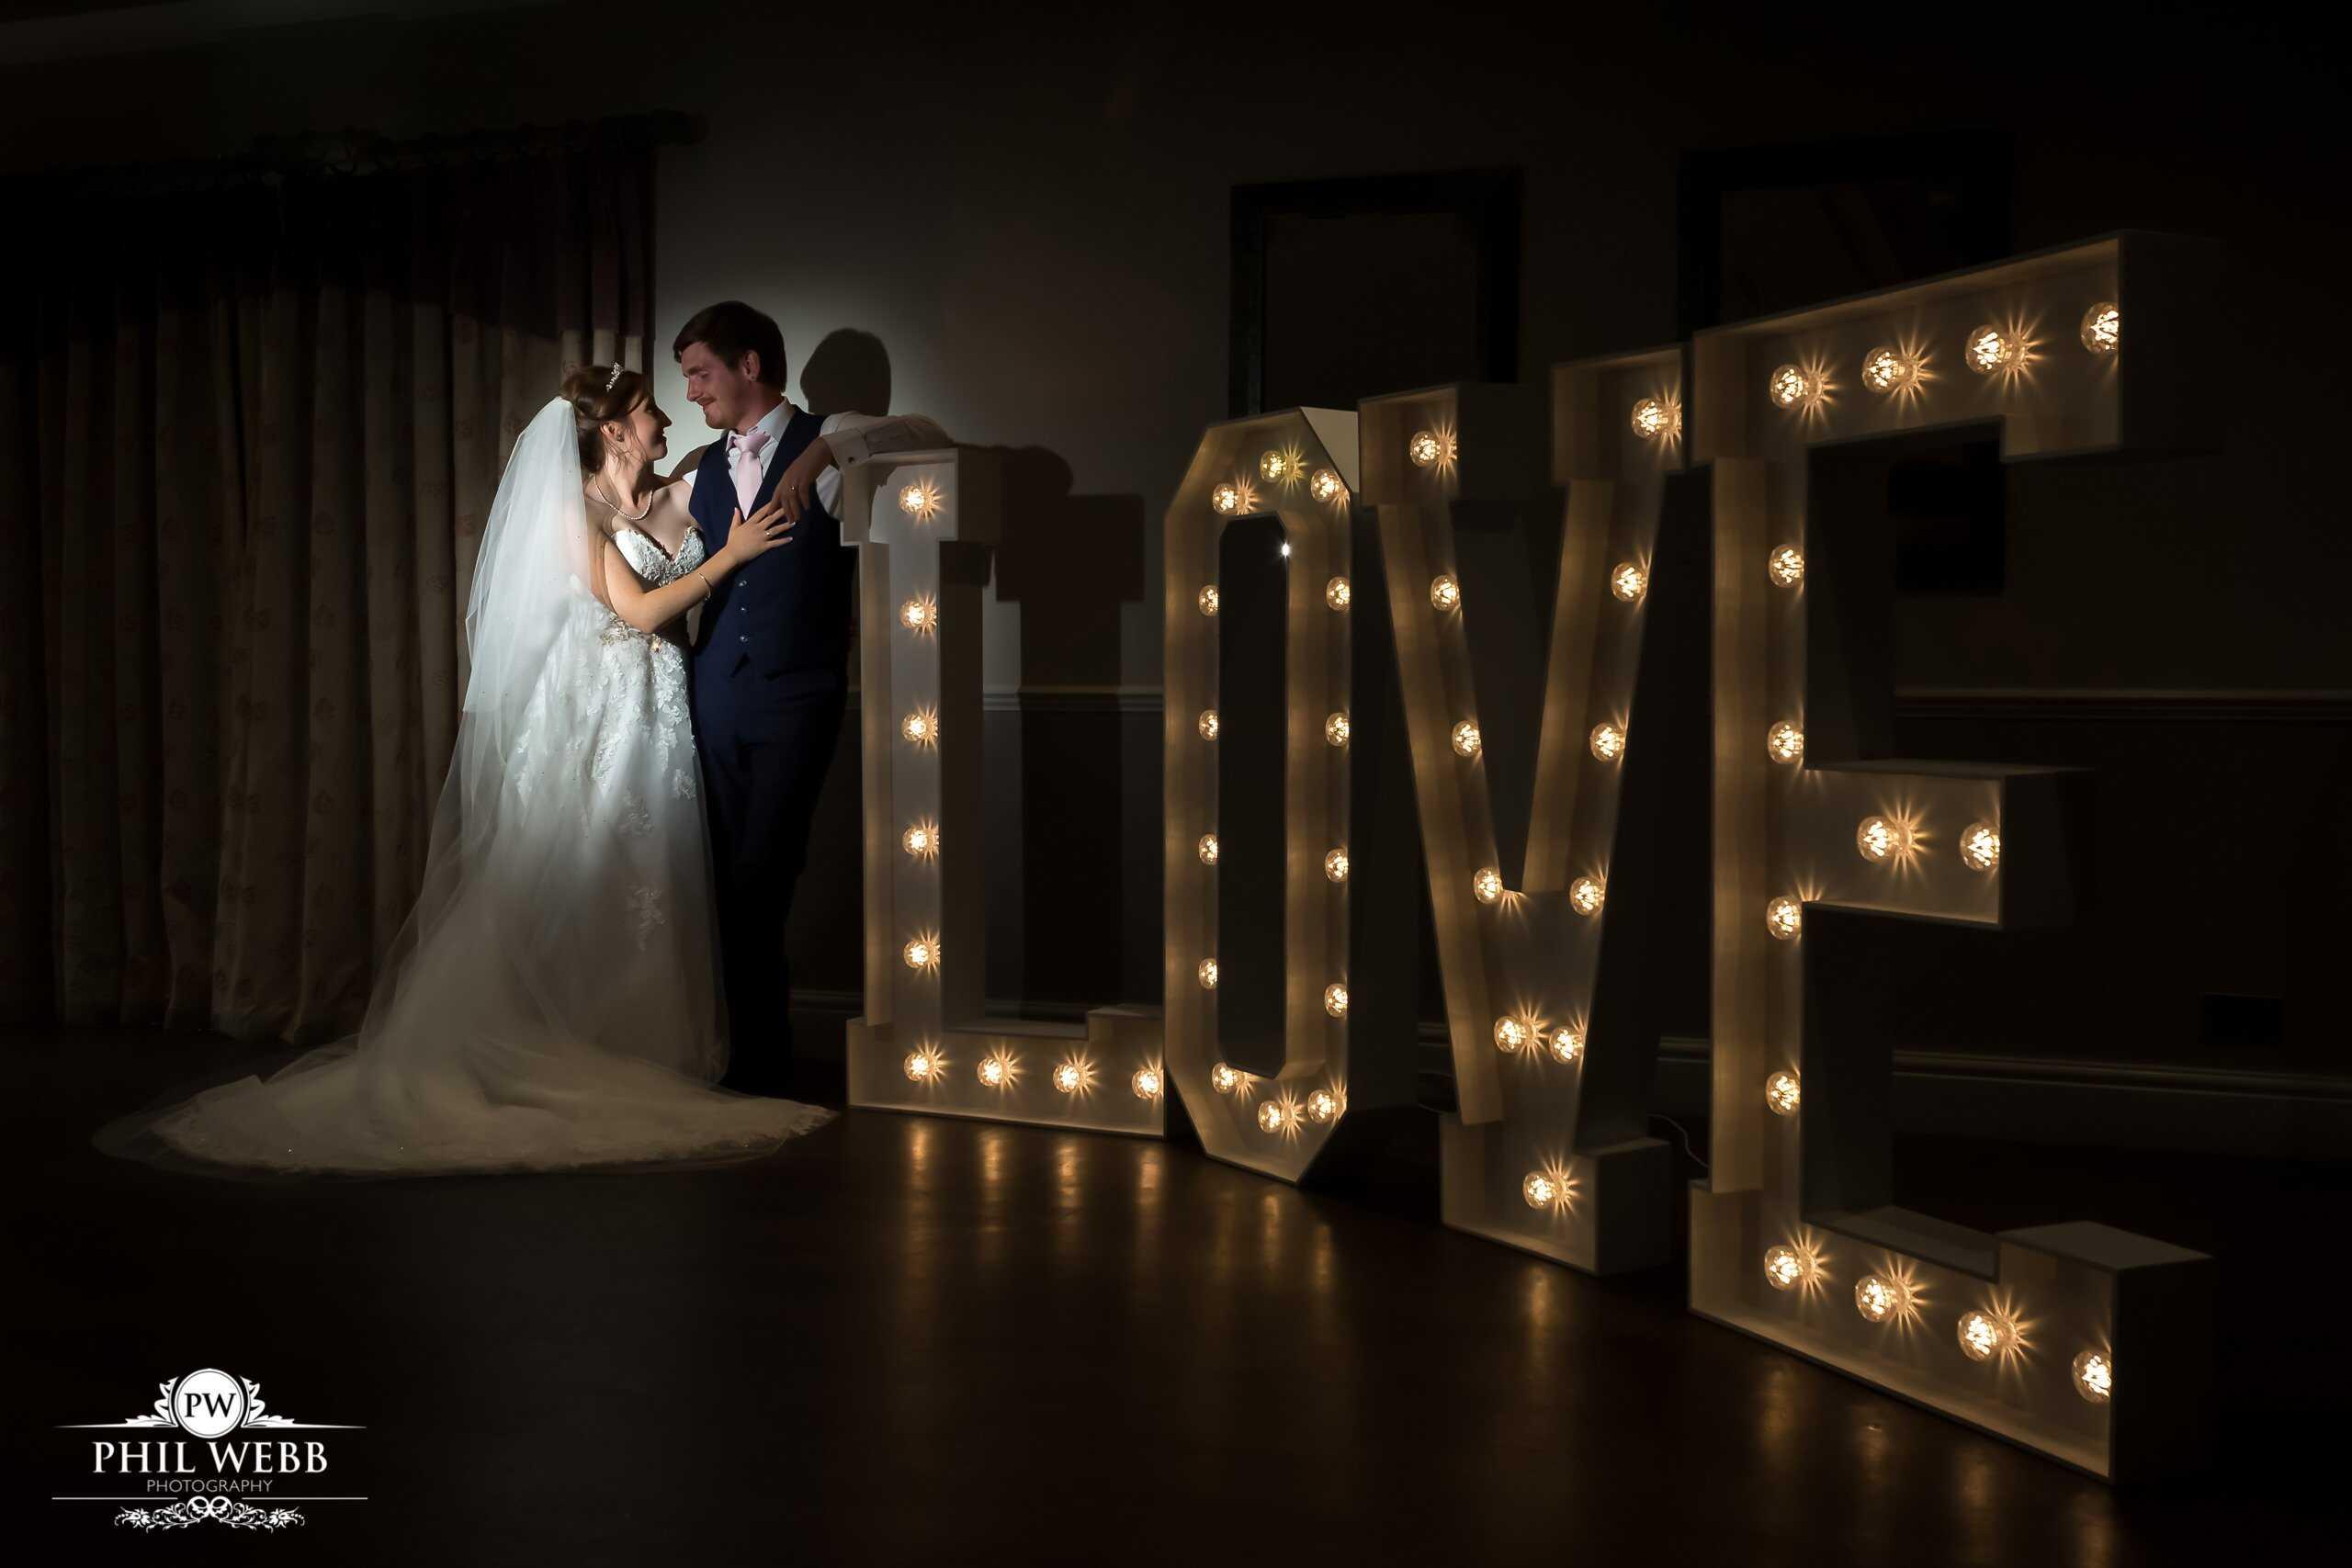 Devon & Ash's Wedding Hatherley Manor Hotel